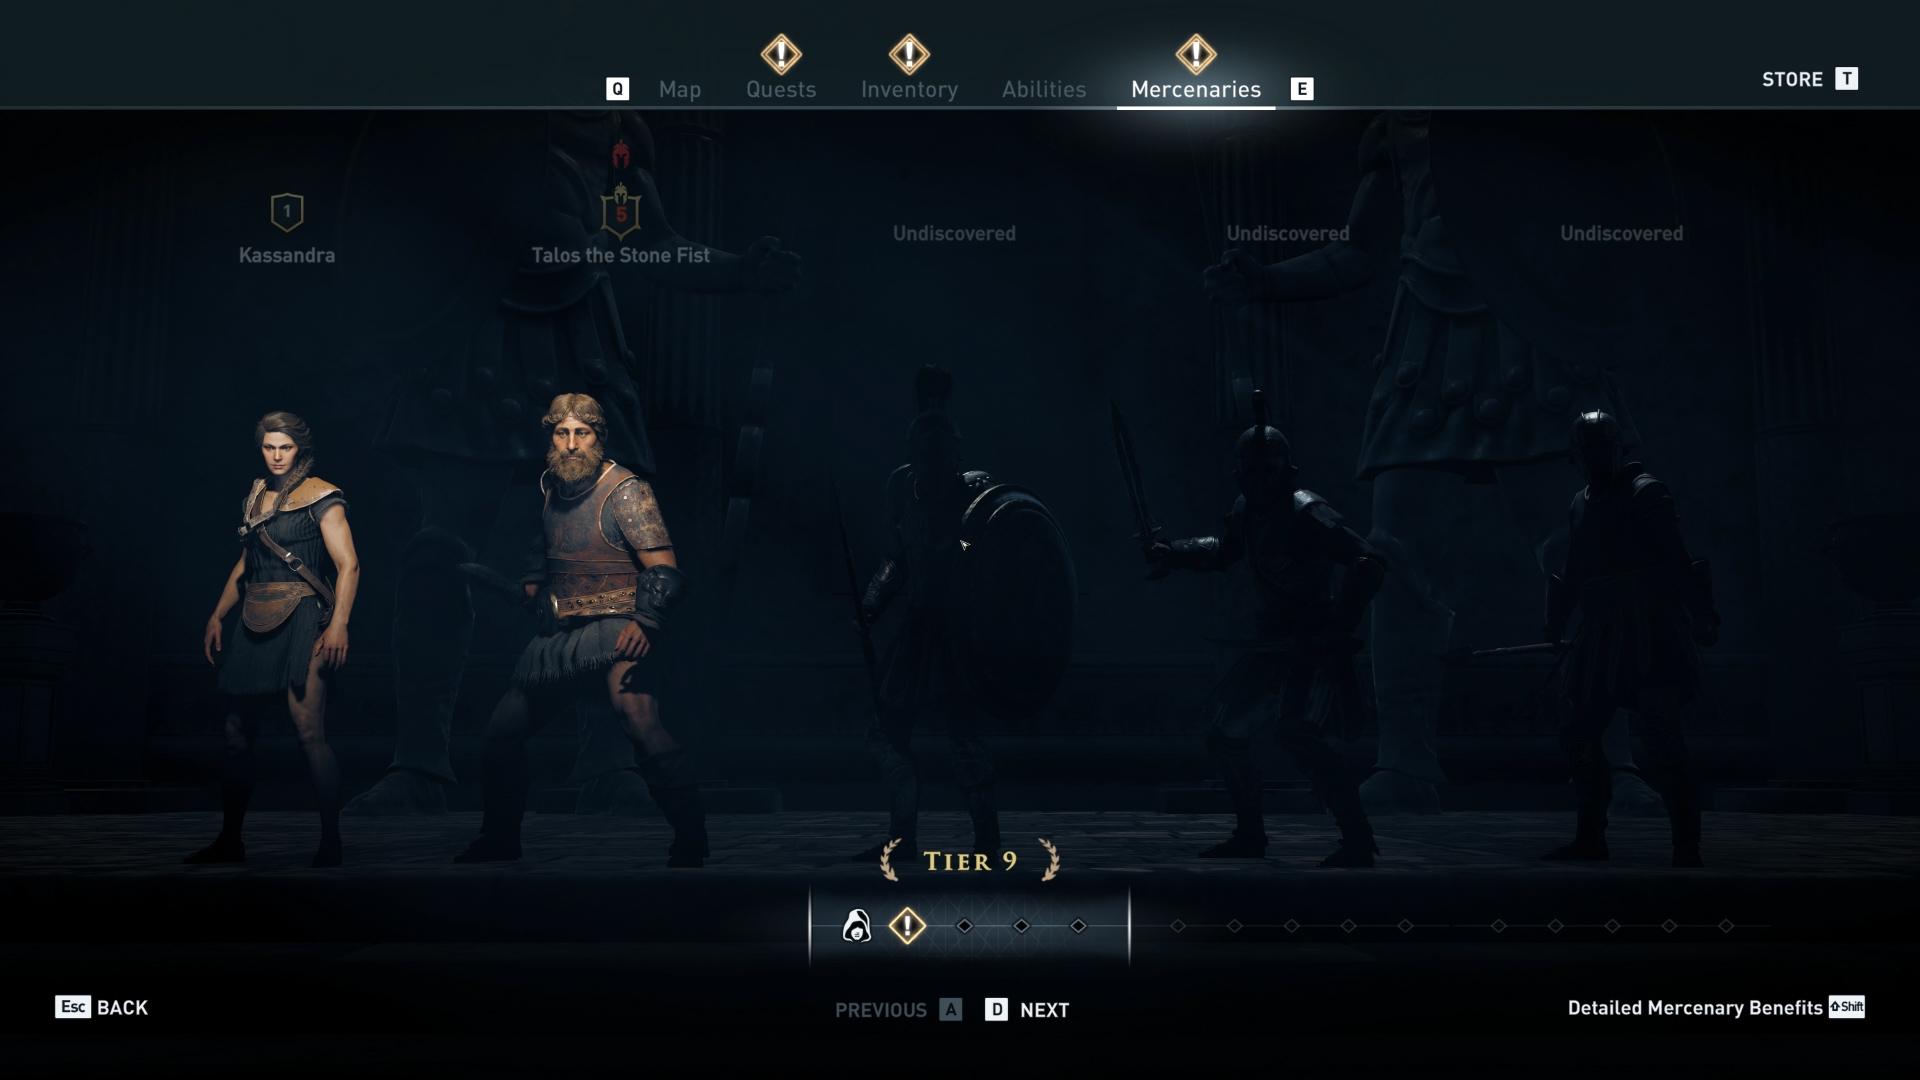 Assassin's Creed  Odyssey 2018.11.27 - 19.17.03.01.00_38_35_18.Still049.jpg